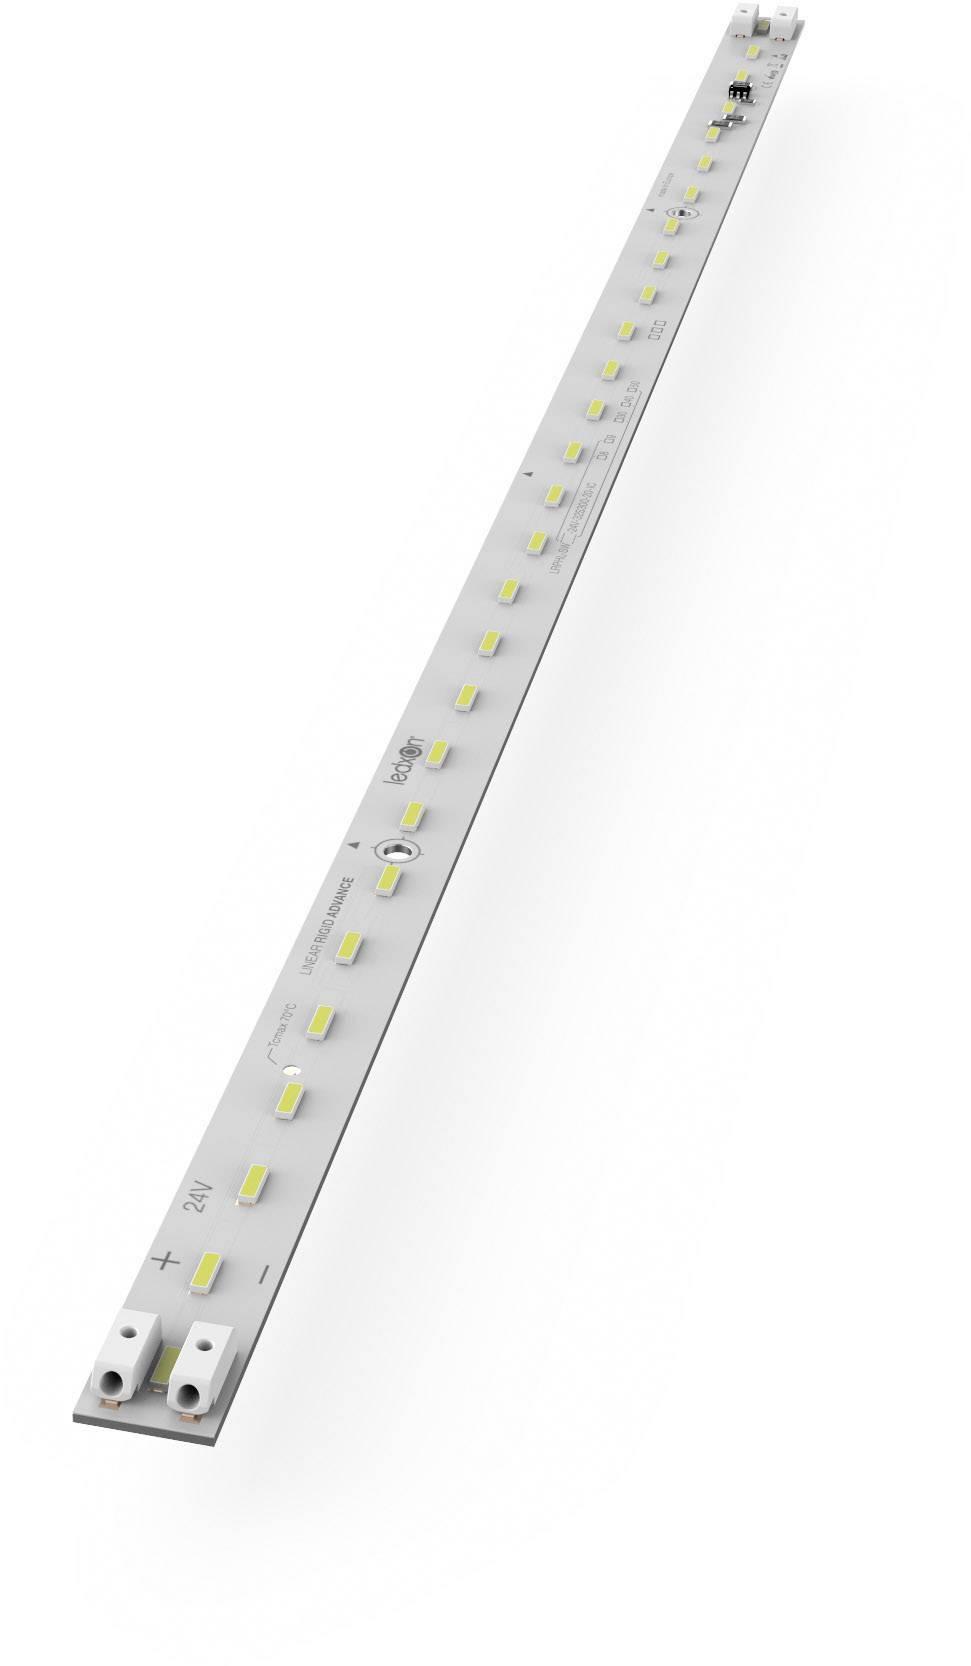 LED lišta ledxon LRALL-SW940-24V-28S103-20-IC 9009364, 24 V, neutrálně bílá, 30 cm